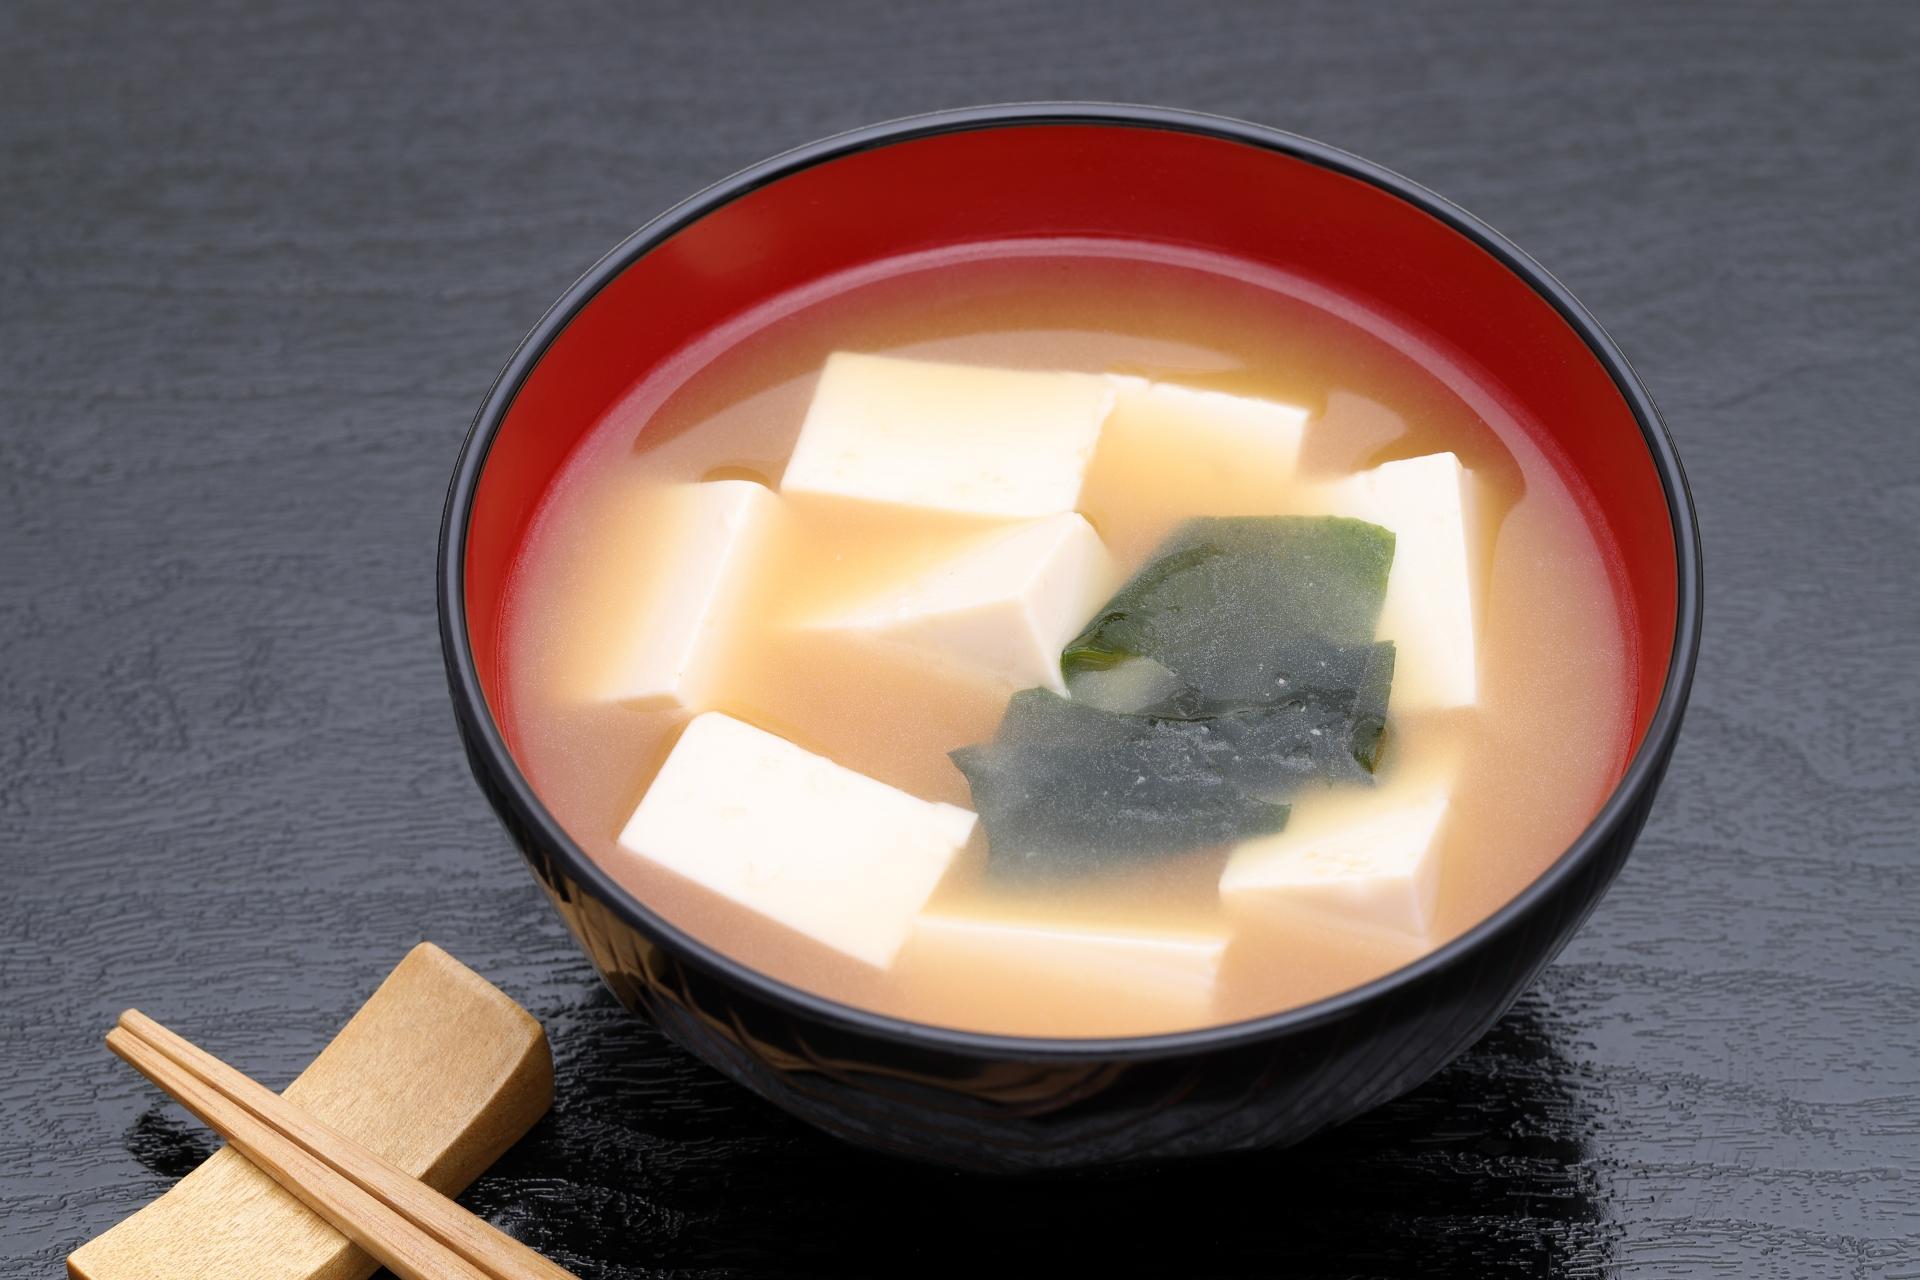 スーパーフード味噌の栄養効果!ダイエットからがん予防まで・味噌の選び方も解説